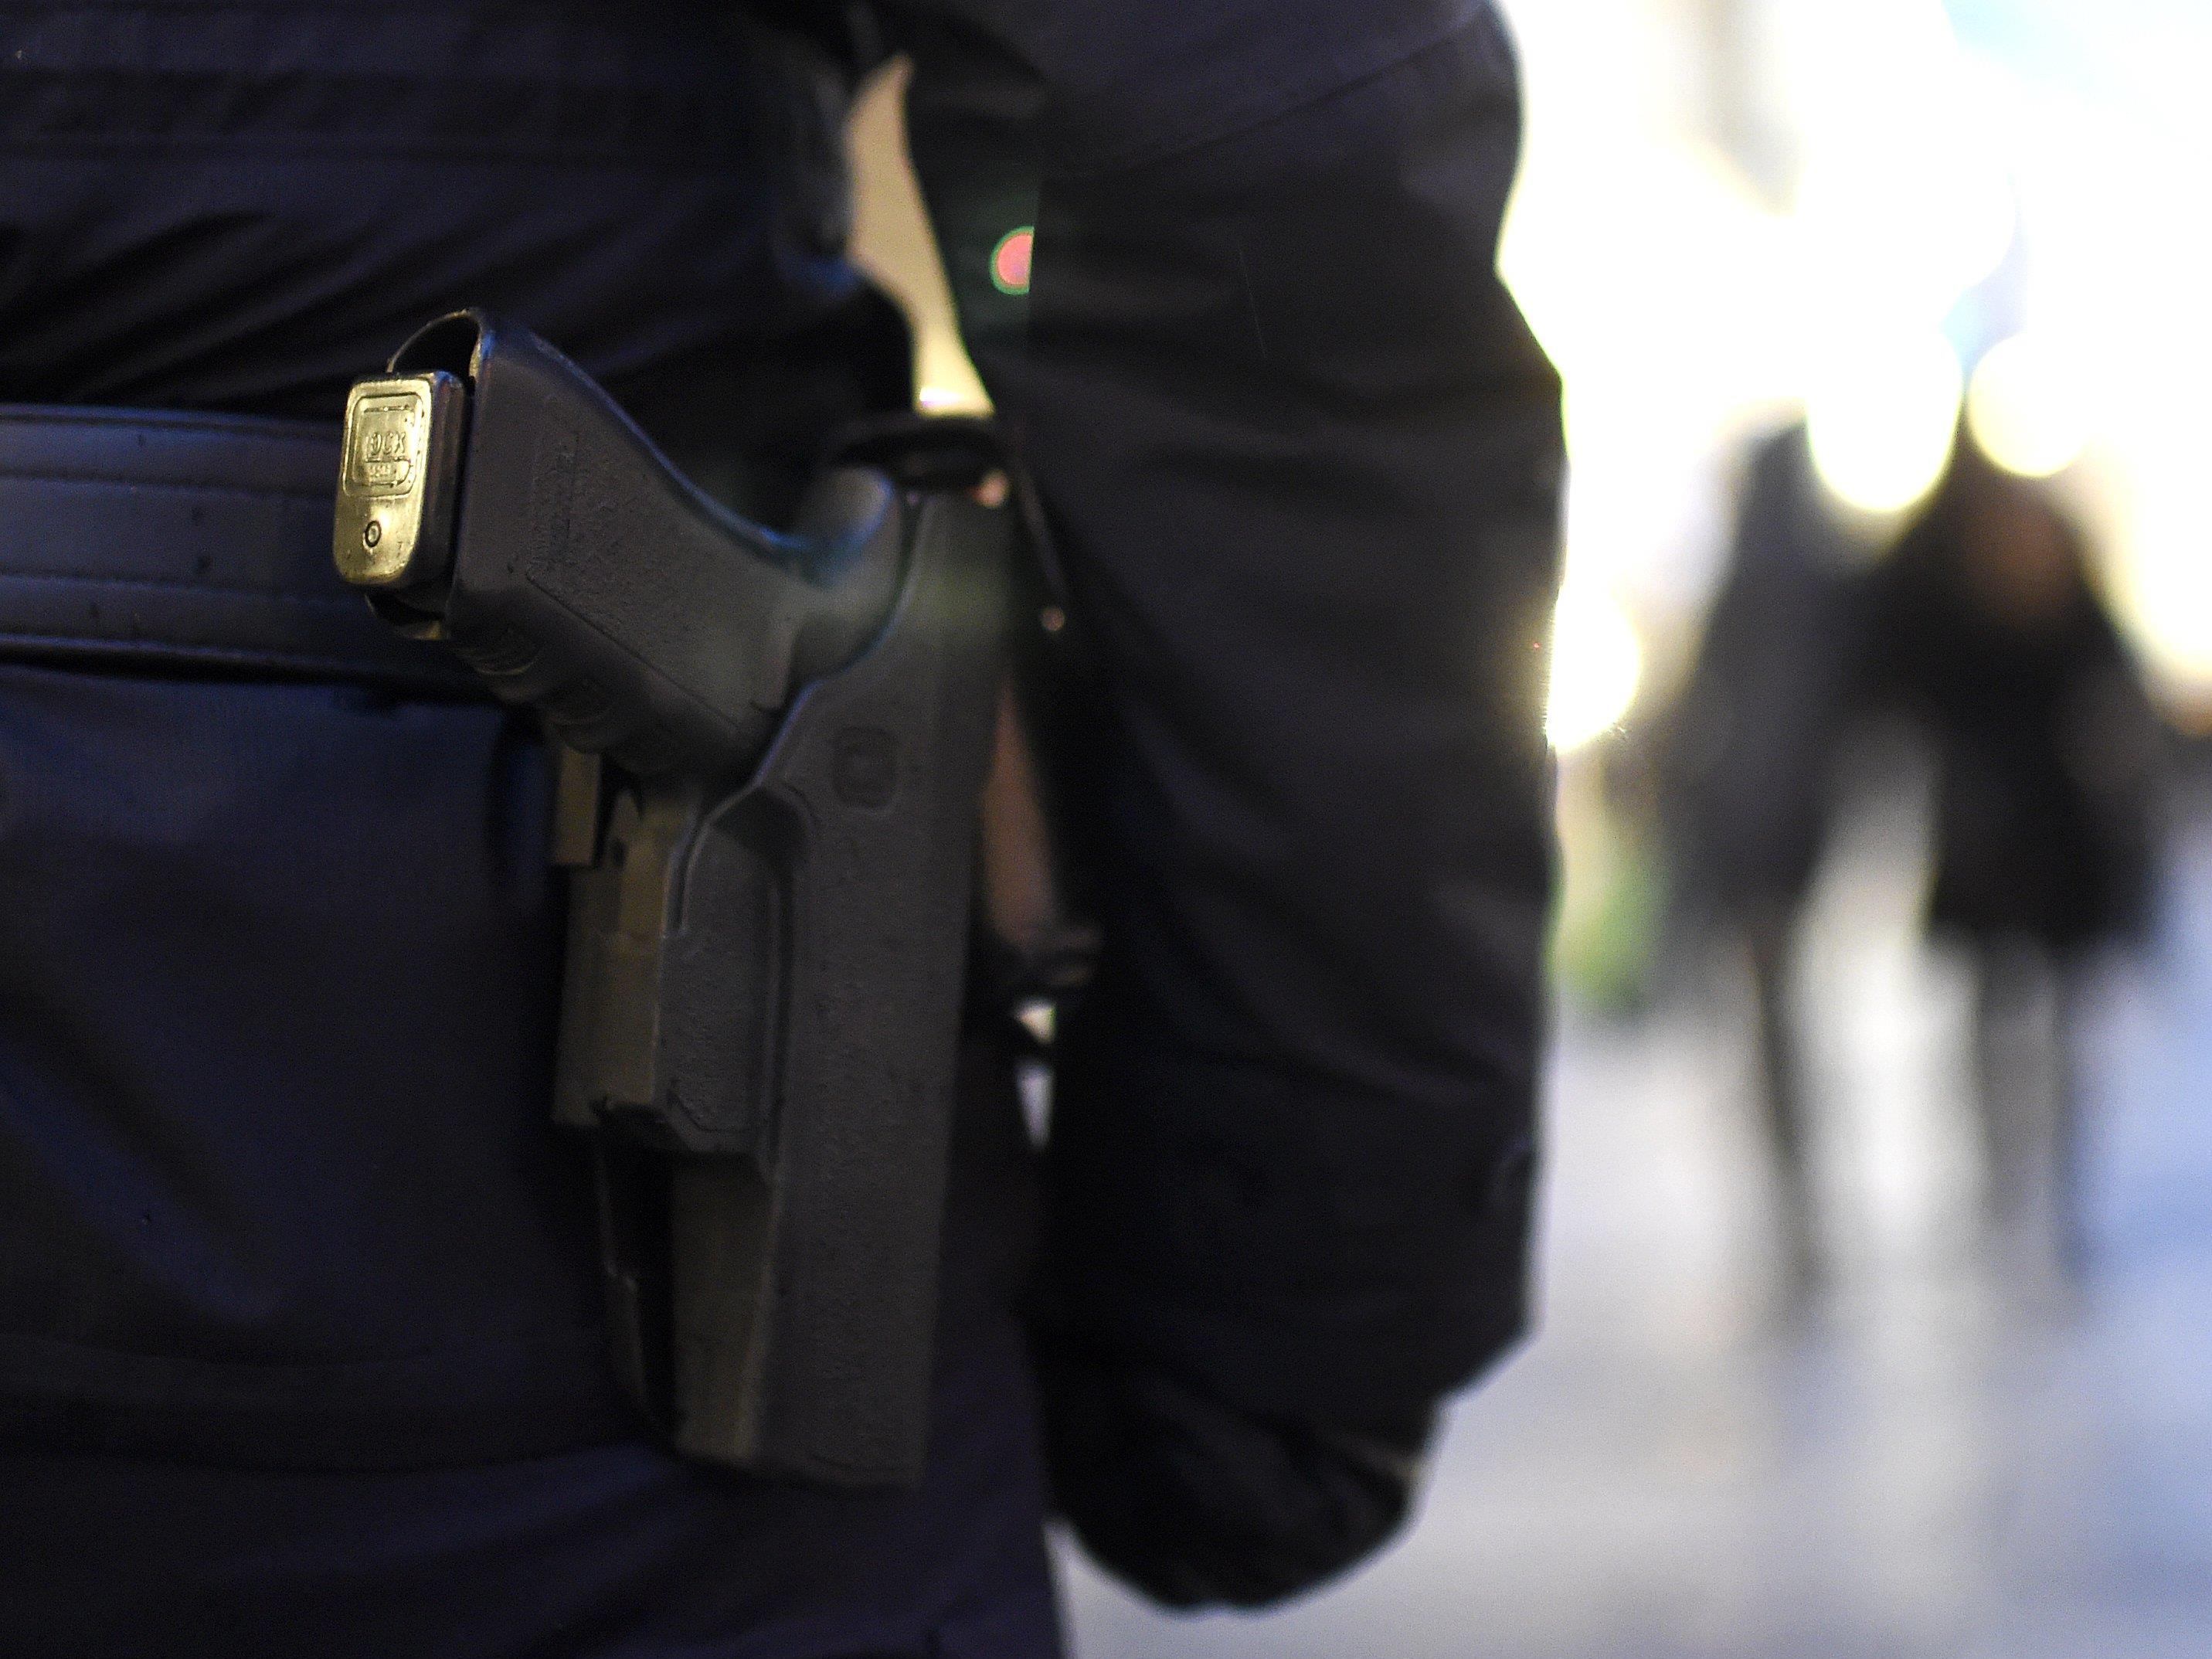 Ein Betrunkener wurde nach einem Vorfall in der U6 festgenommen